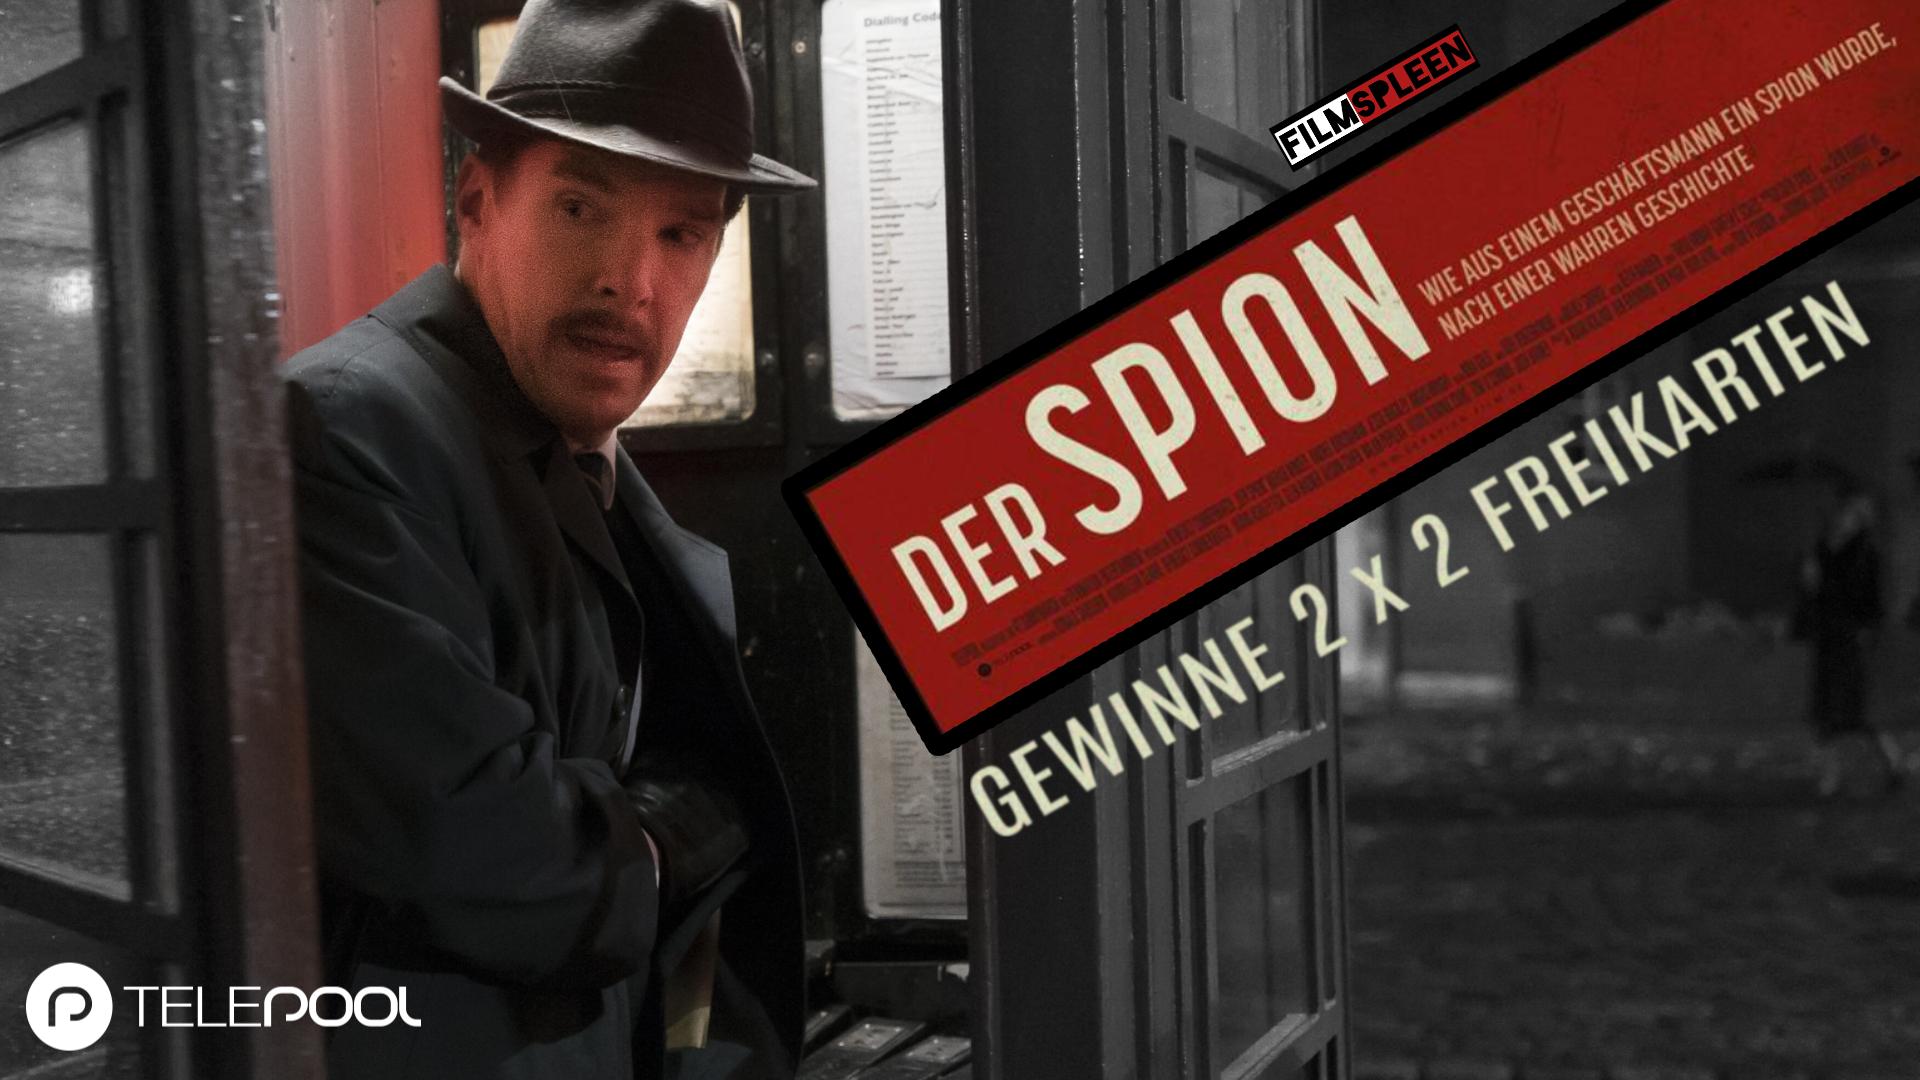 DER SPION_GWS